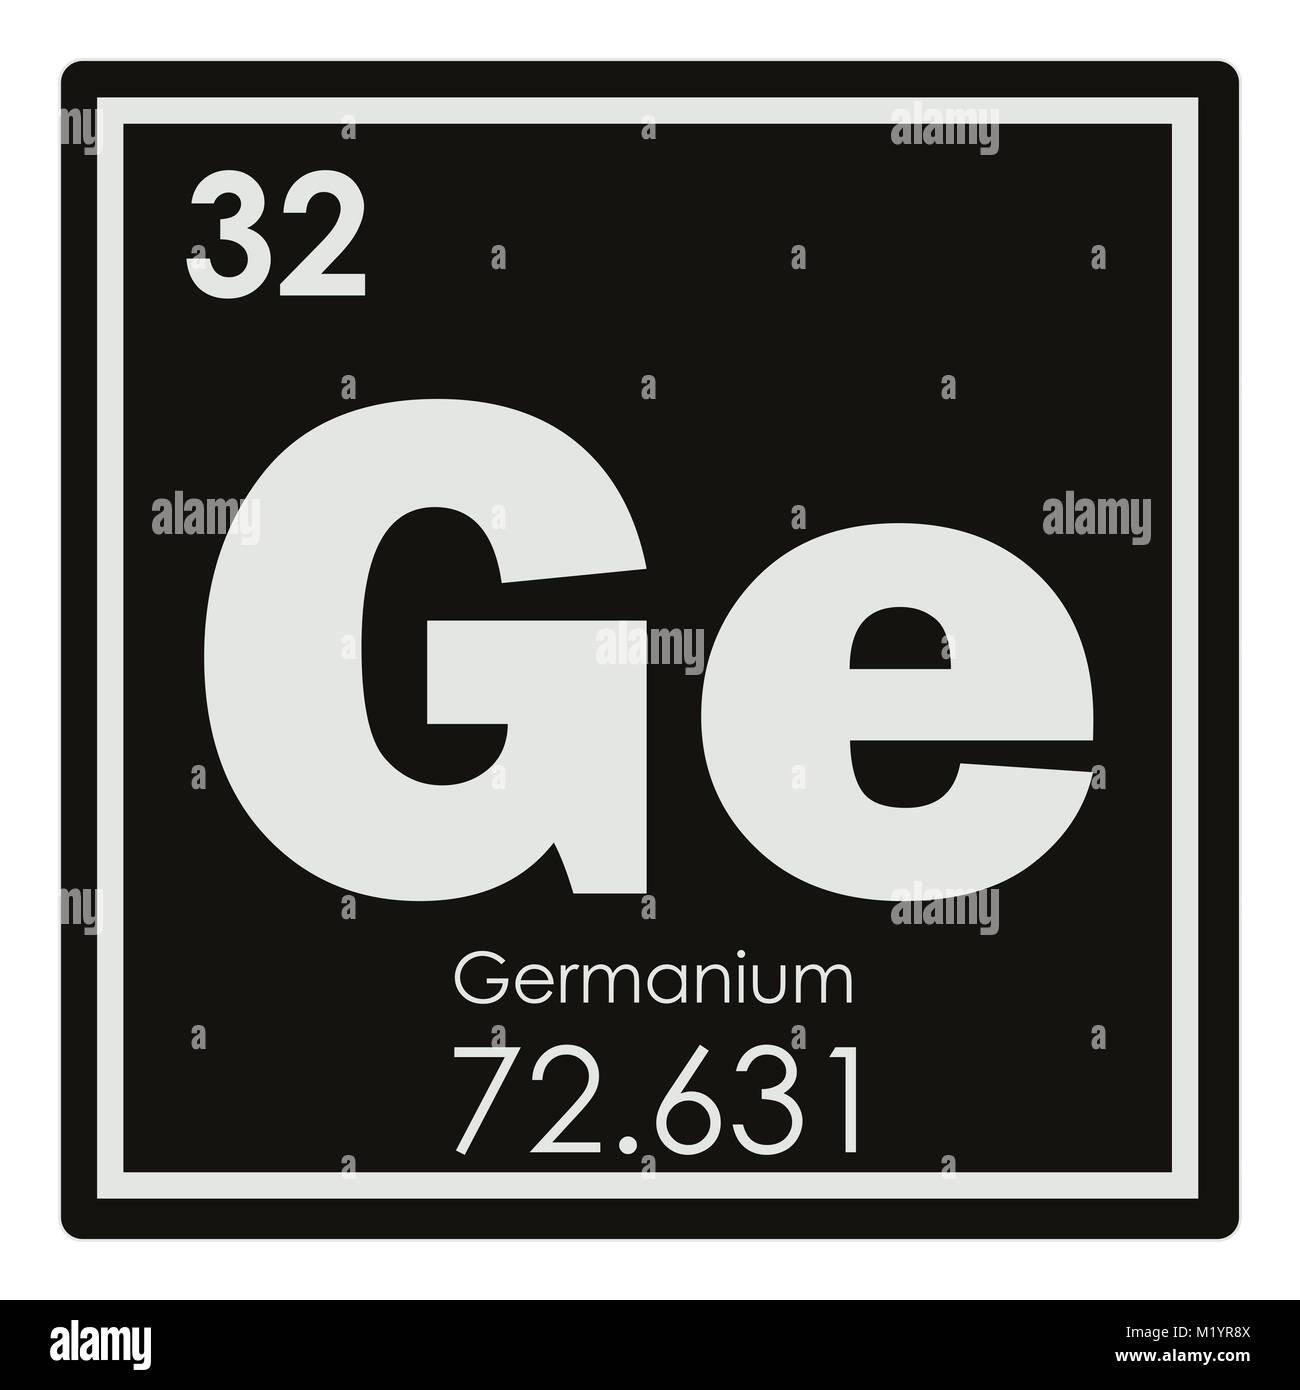 Tabla peridica de elementos qumicos germanio smbolo de ciencia tabla peridica de elementos qumicos germanio smbolo de ciencia urtaz Gallery